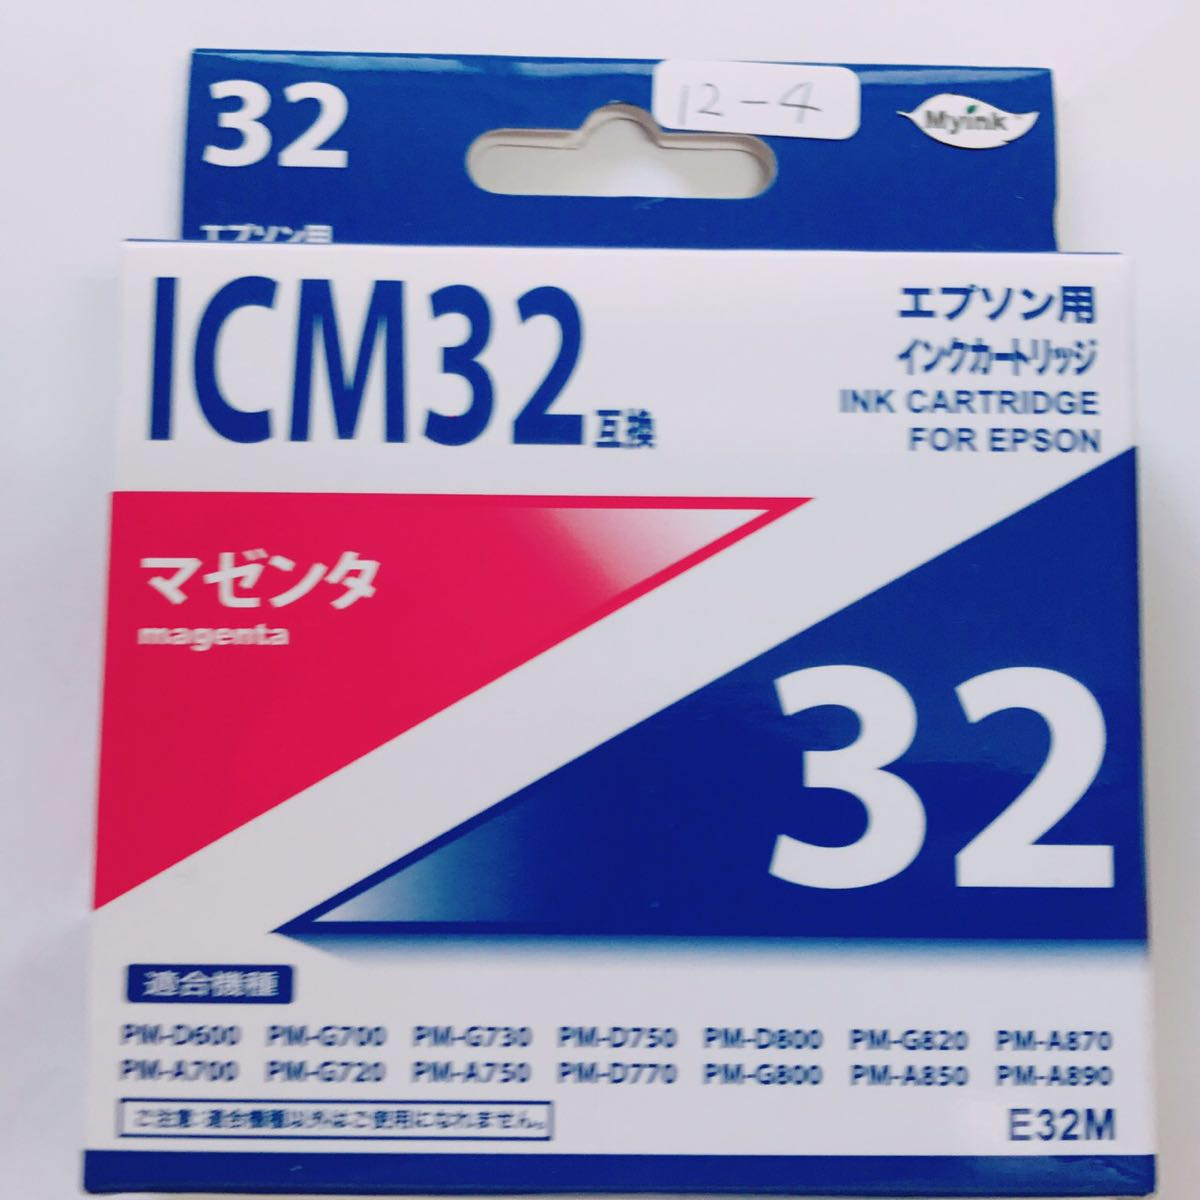 未使用 ★ EPSON エプソン インク カートリッジ 32 マゼンタ ICM32 互換 ★ プリンタ 推奨使用期限切れ ★ 12-1~4_画像1